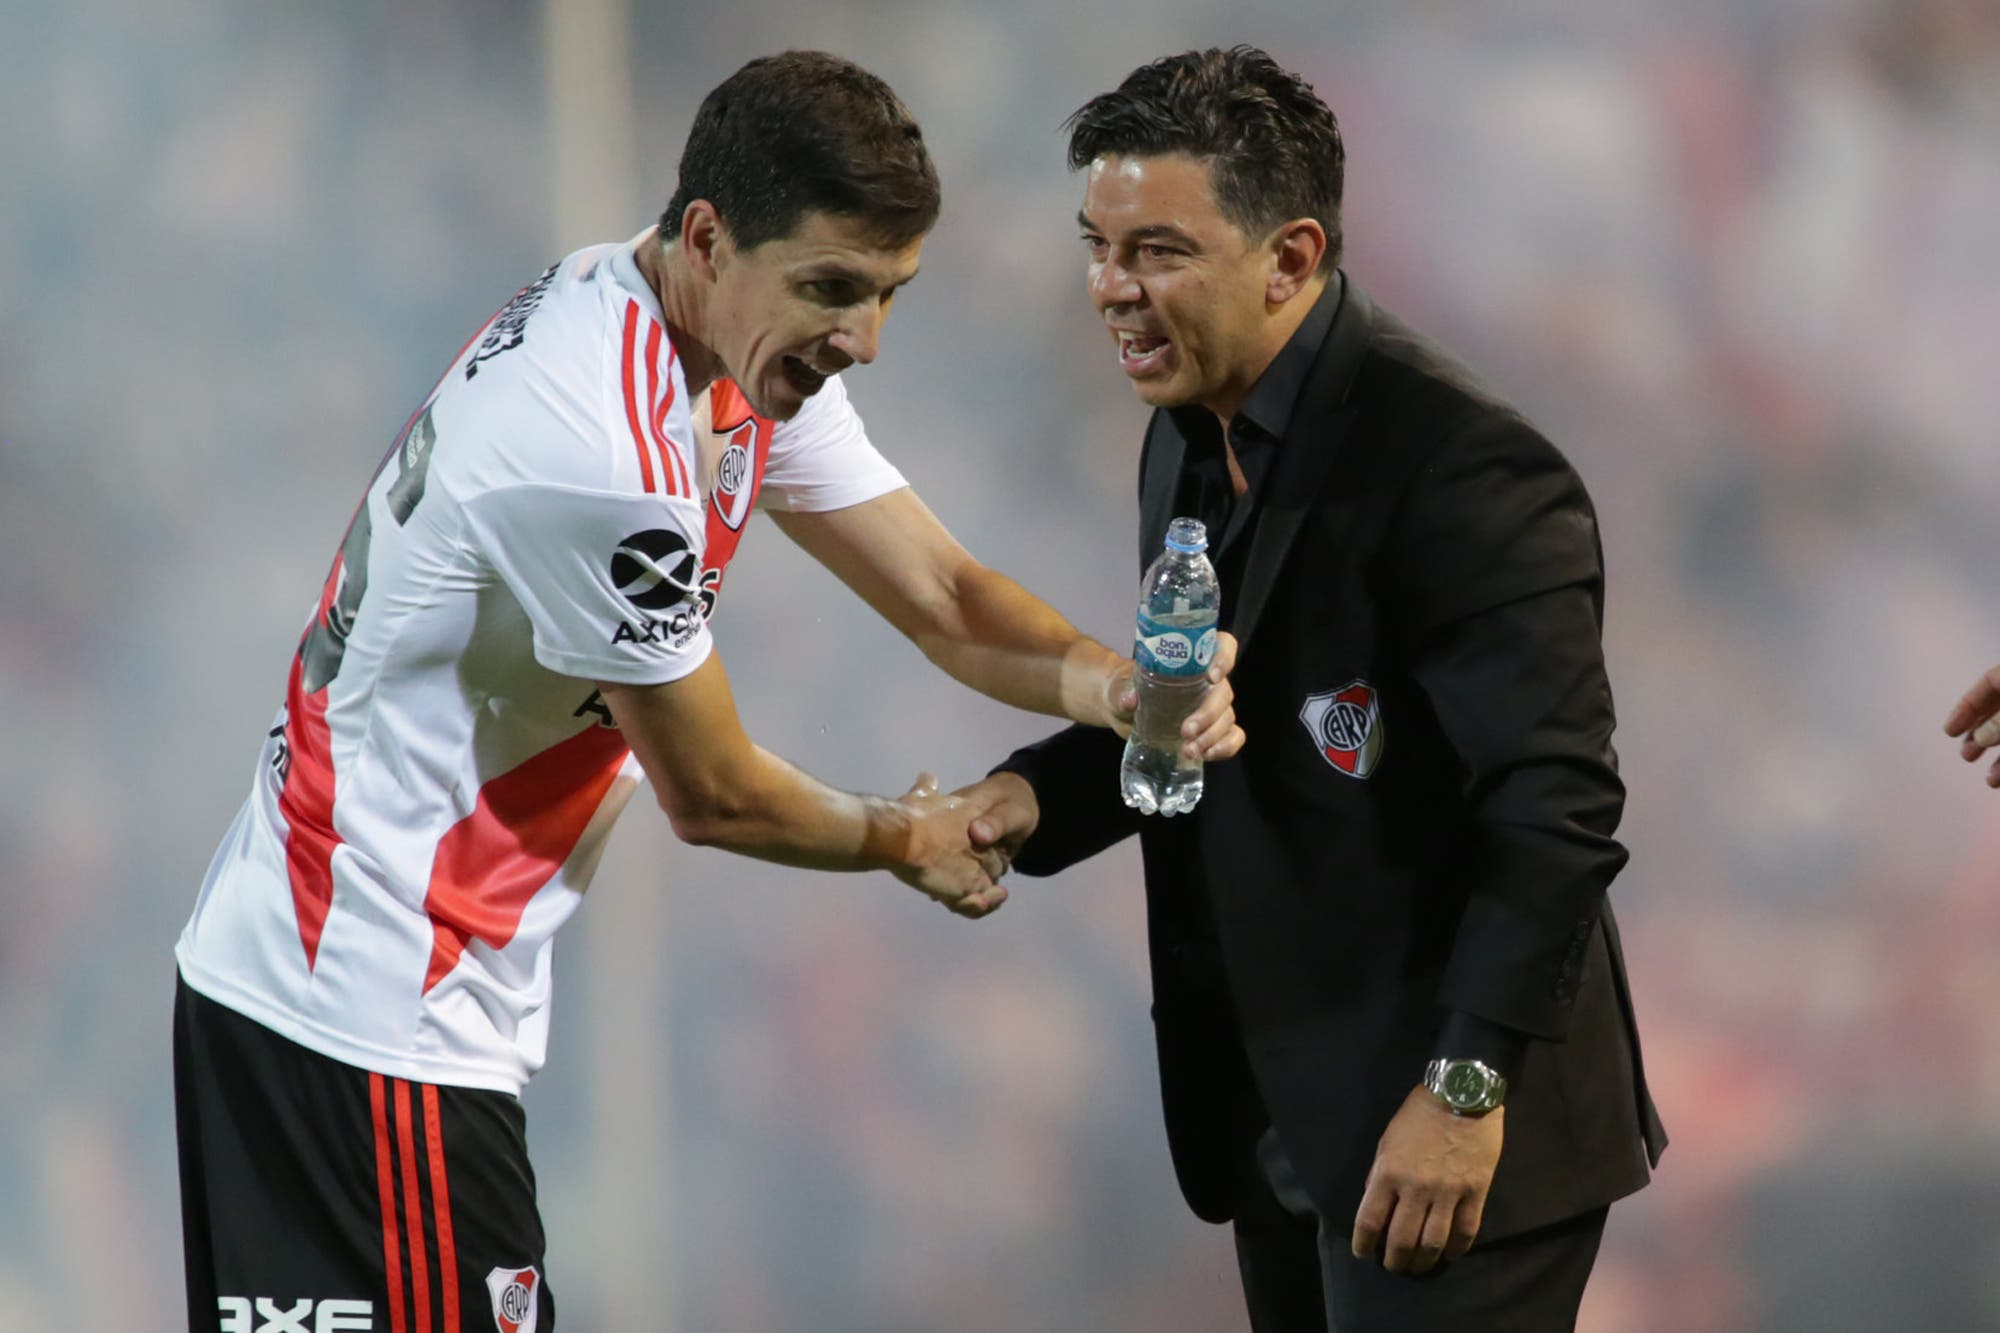 River campeón: la tajante afirmación de Gallardo sobre el futuro de Nacho Fernández, la figura de la final - LA NACION